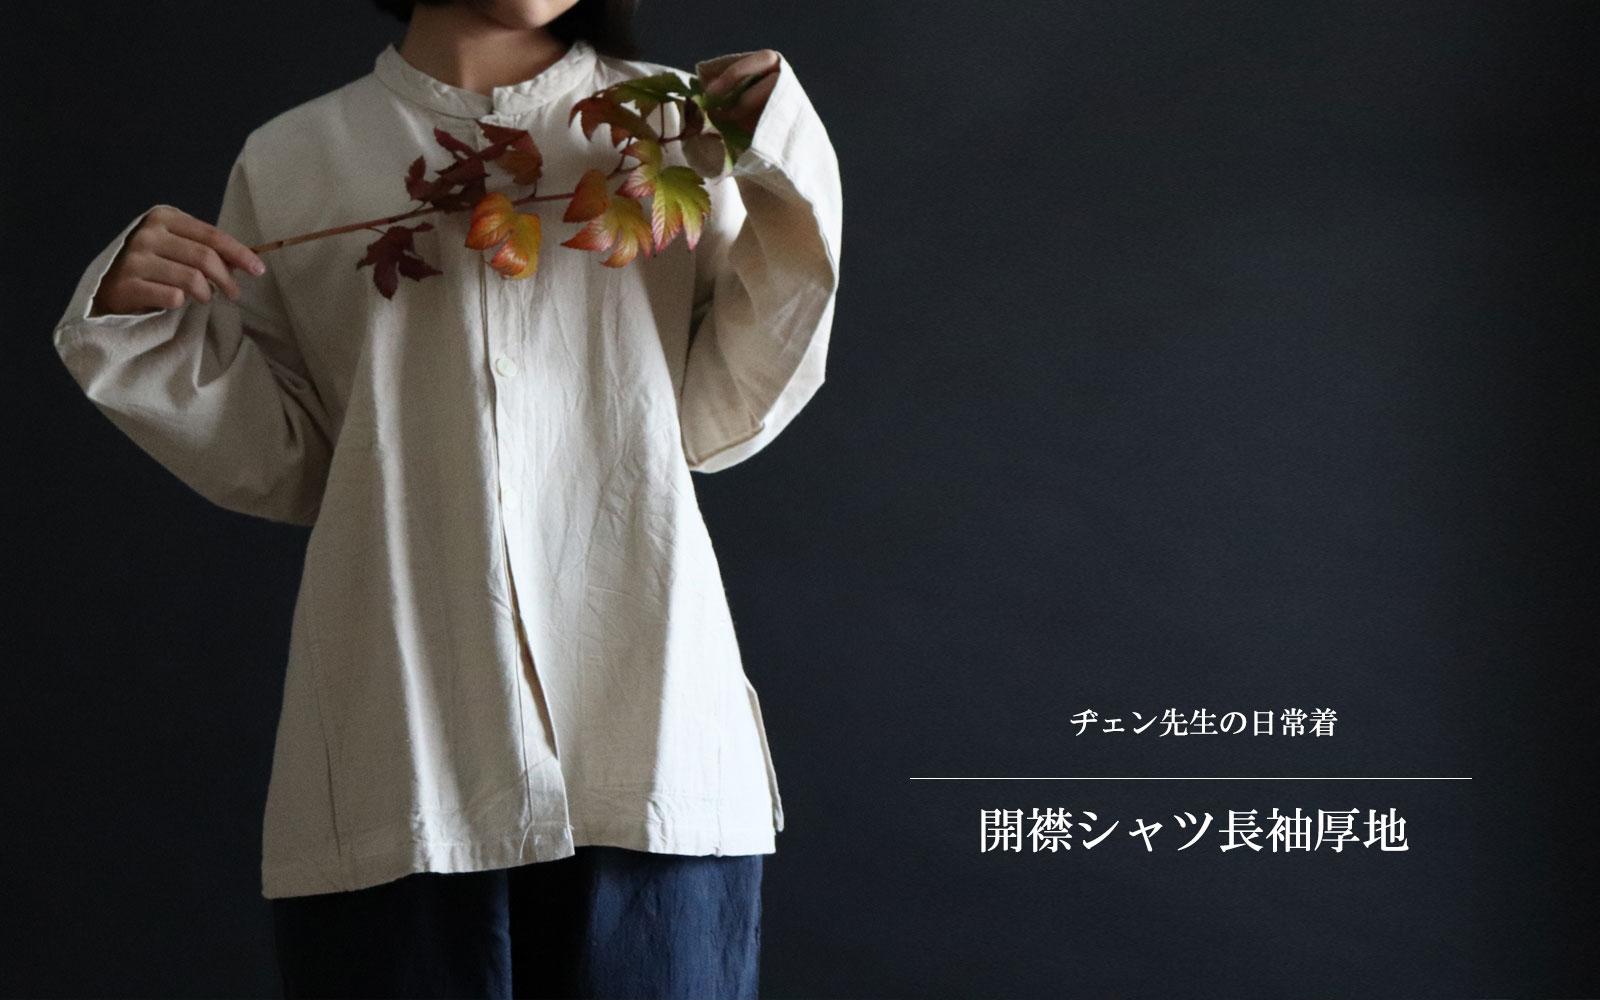 台湾ヂェン先生の日常着 鄭惠中老師 開襟シャツ厚地